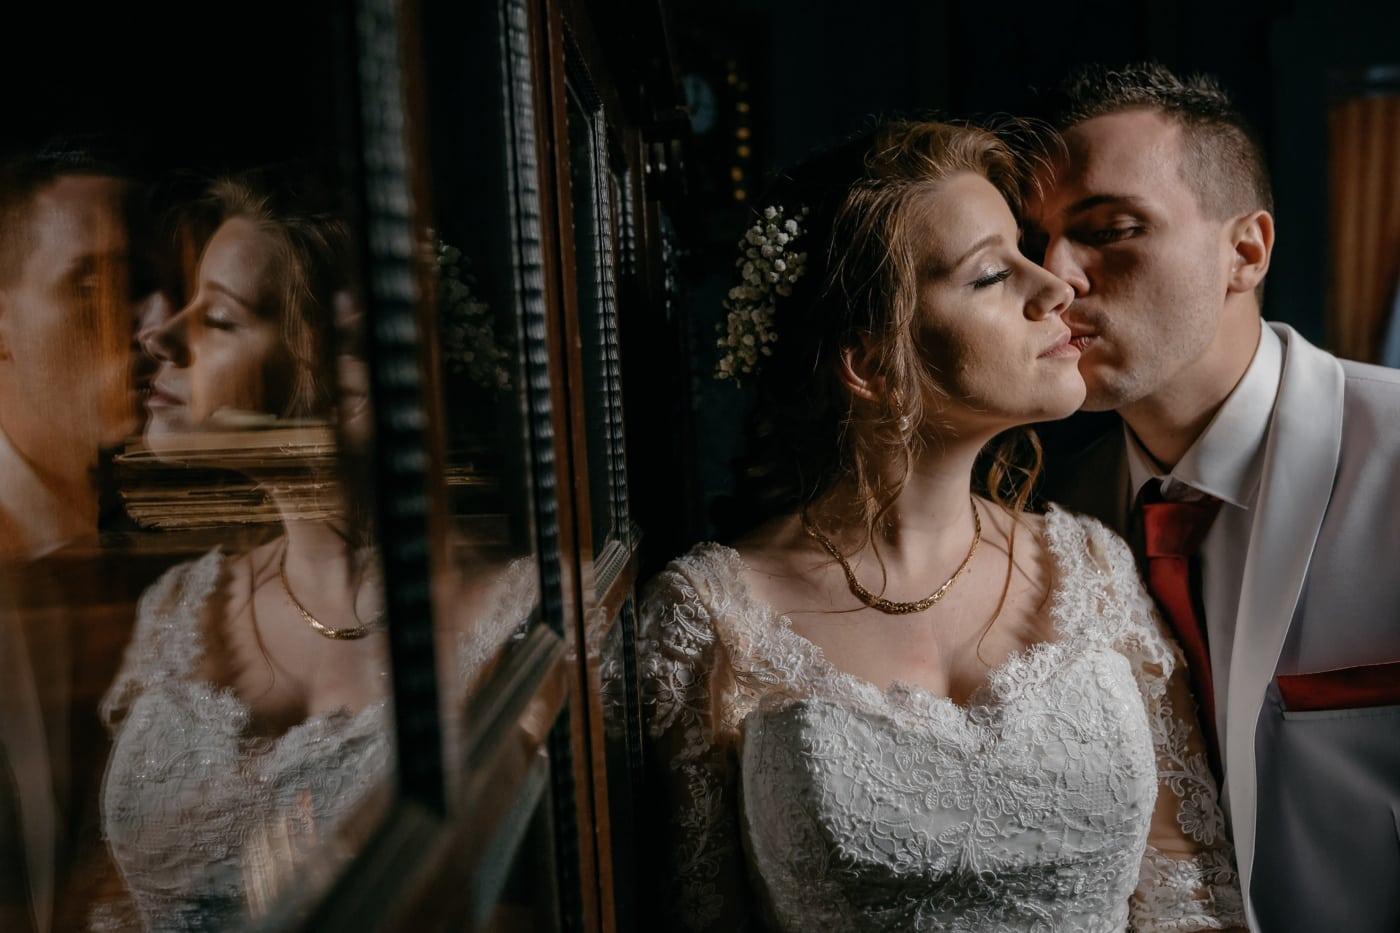 sposa, tenerezza, affetto, bacio, sposo, bellissima, morettina, amore, persone, donna